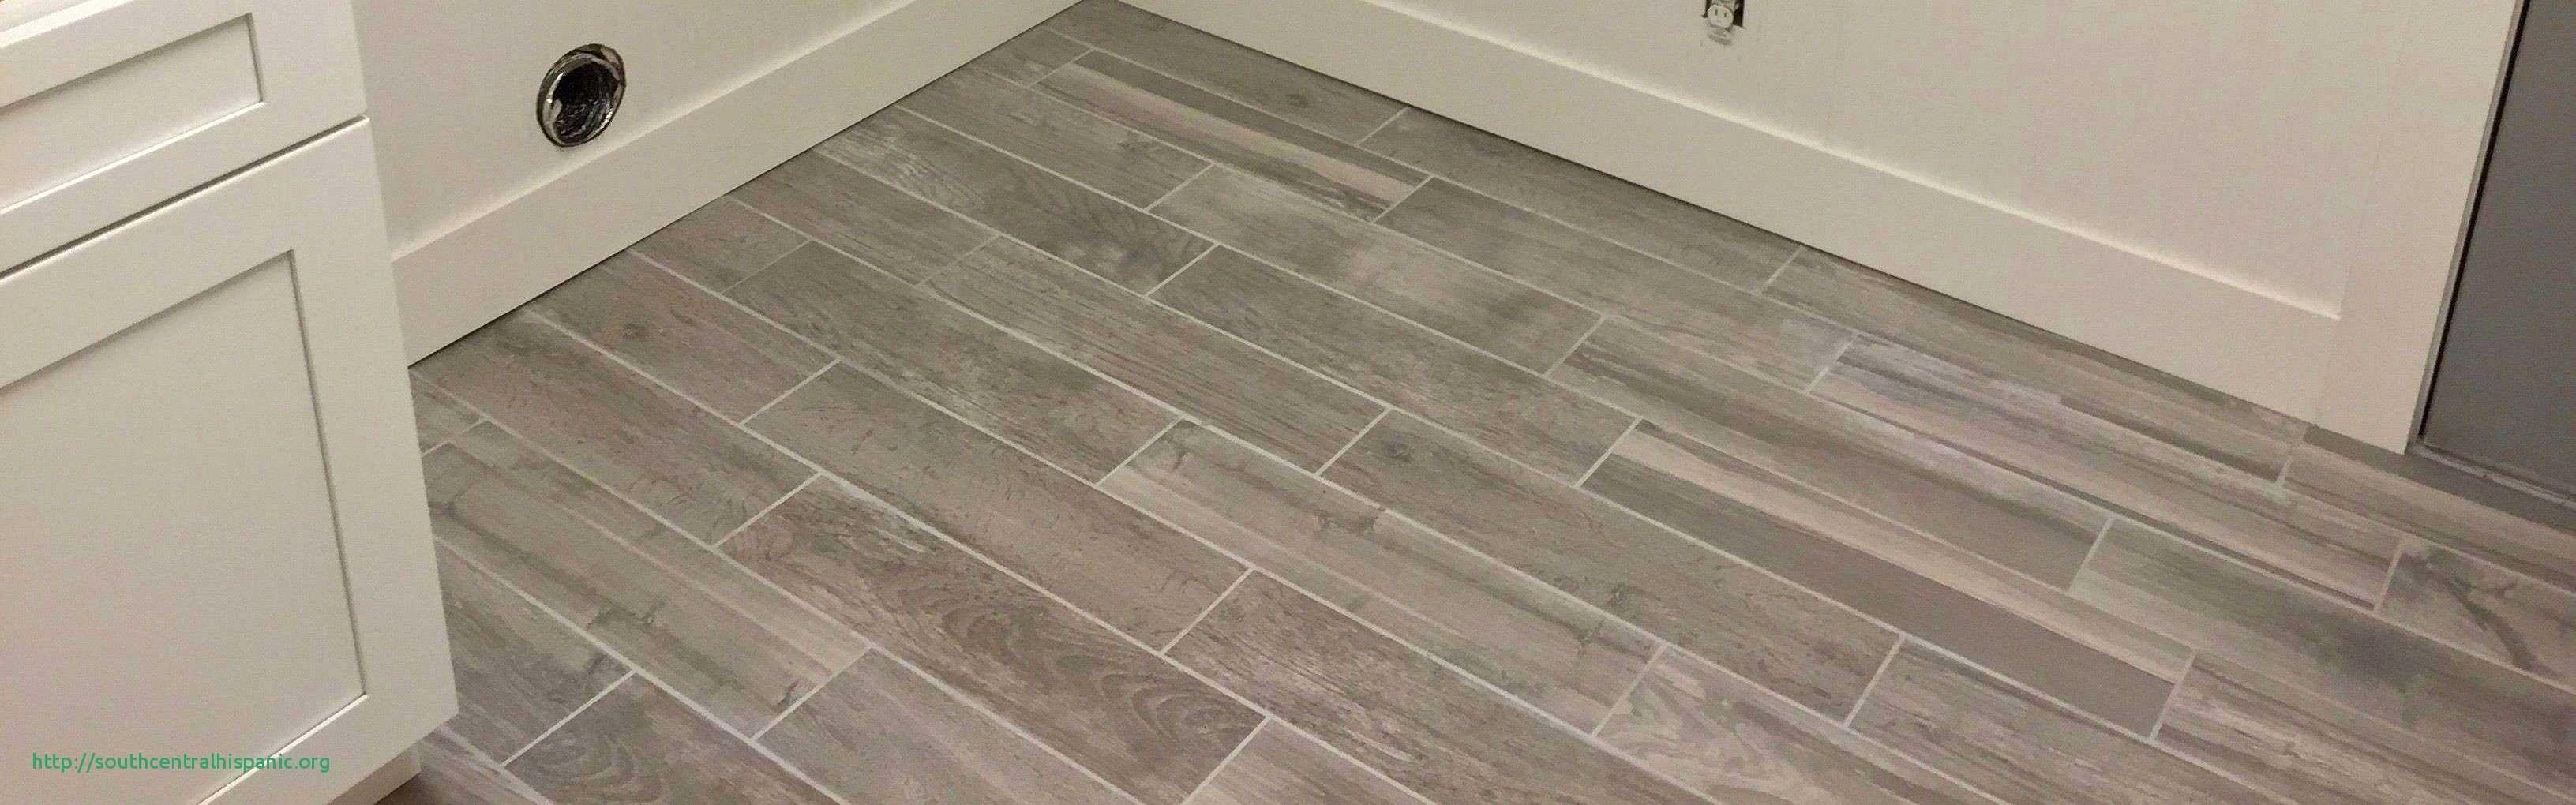 Chintya Dewi Di Ceramic Floor Tiles